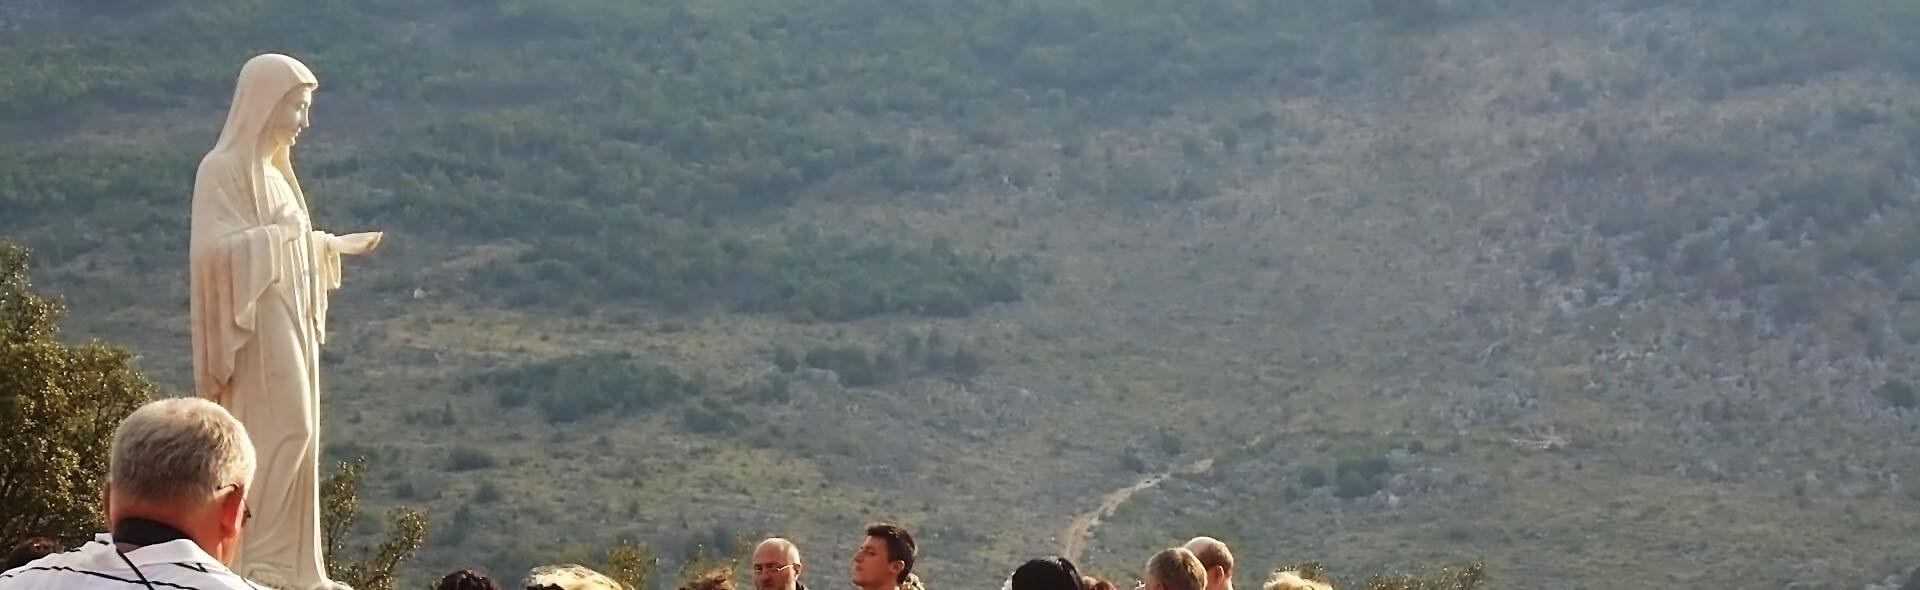 Viaggio a Medjugorje in Nave da Ancona Messaggio 25 Settembre